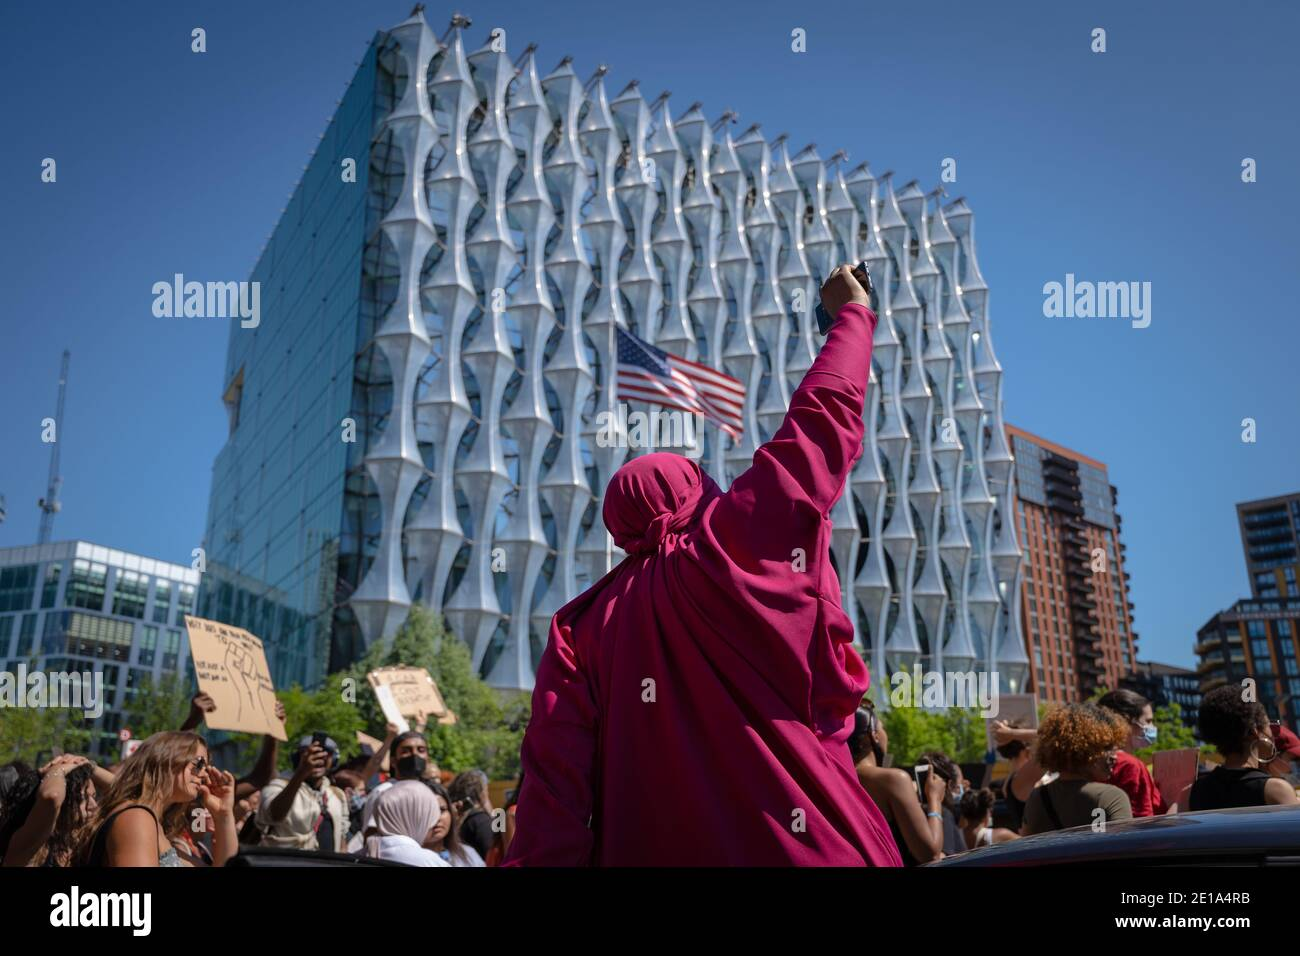 Des milliers de militants et de partisans de Black Lives Matter (BLM) se réunissent devant l'ambassade américaine à Londres pour protester contre la mort de George Floyd aux États-Unis. Banque D'Images